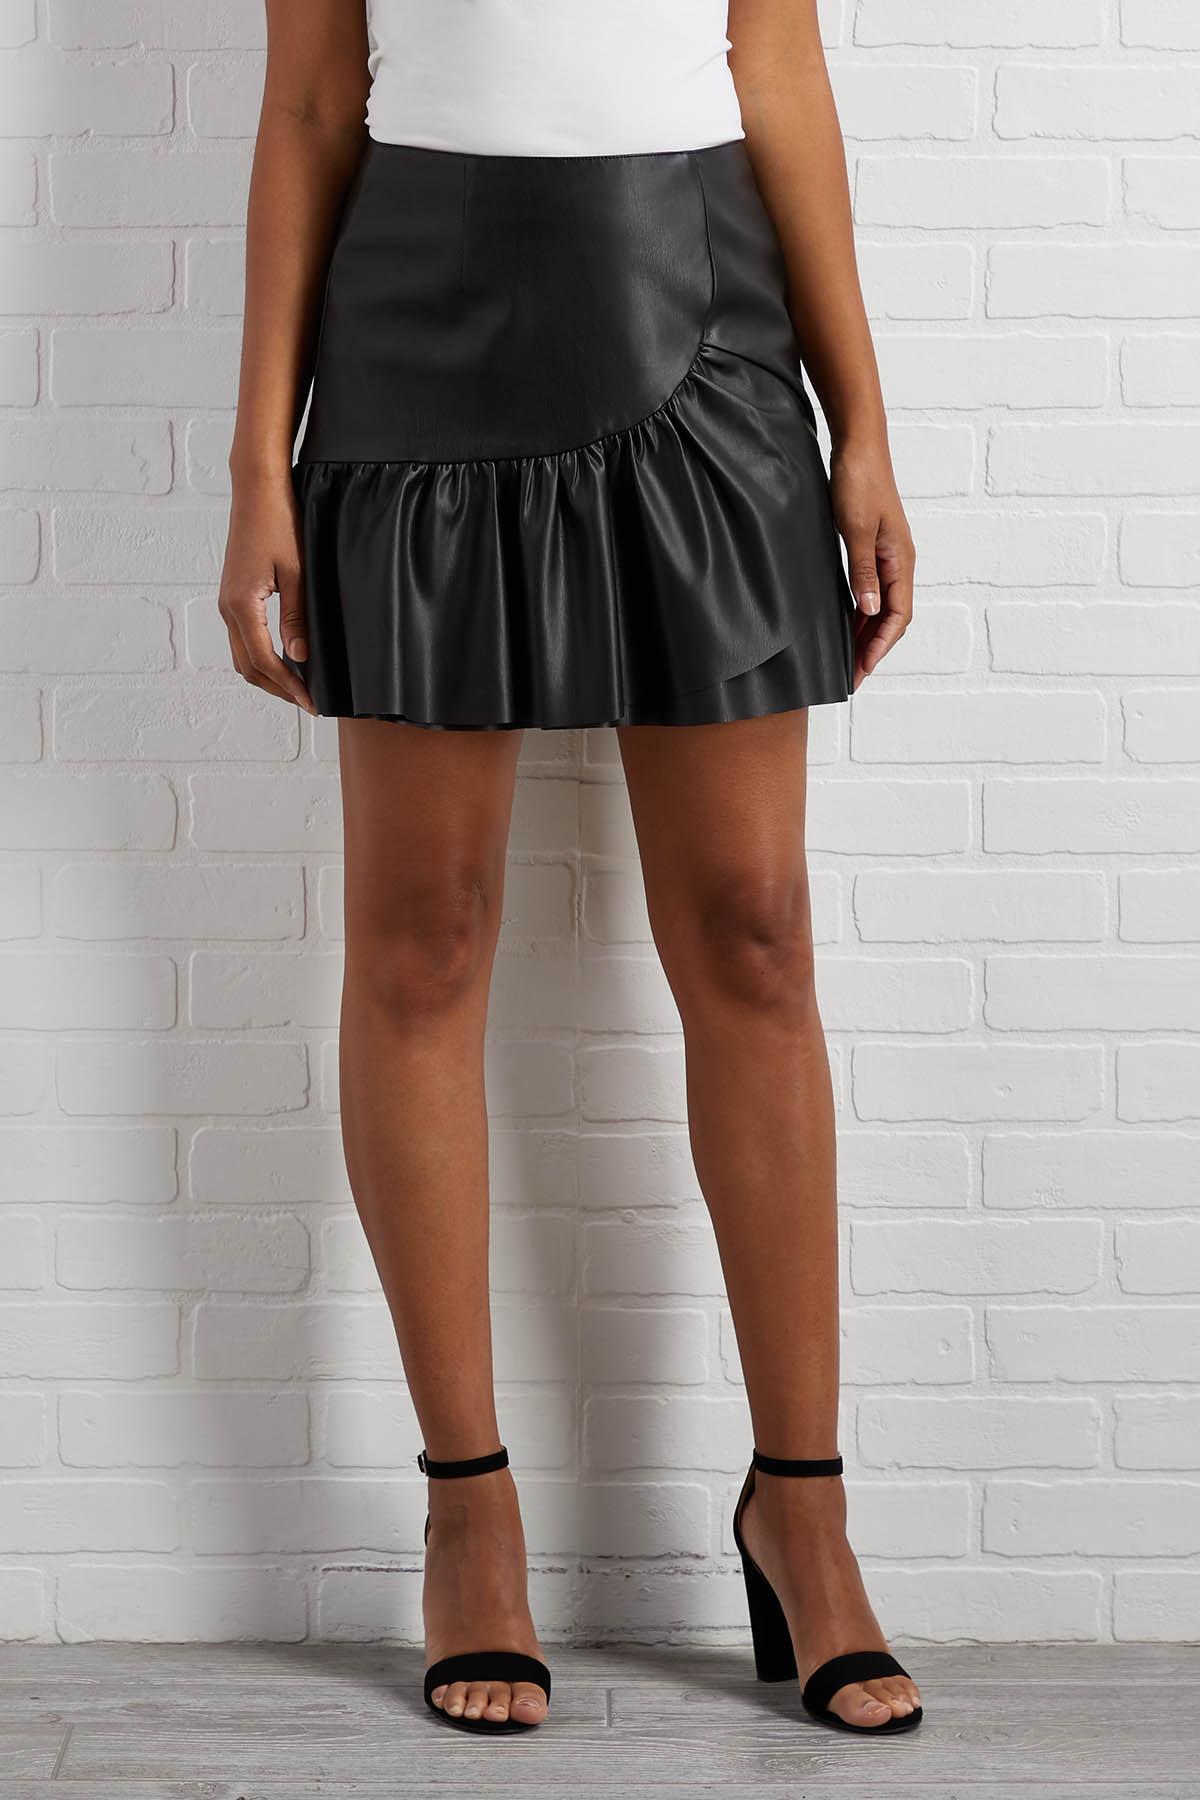 What A Flirt Skirt